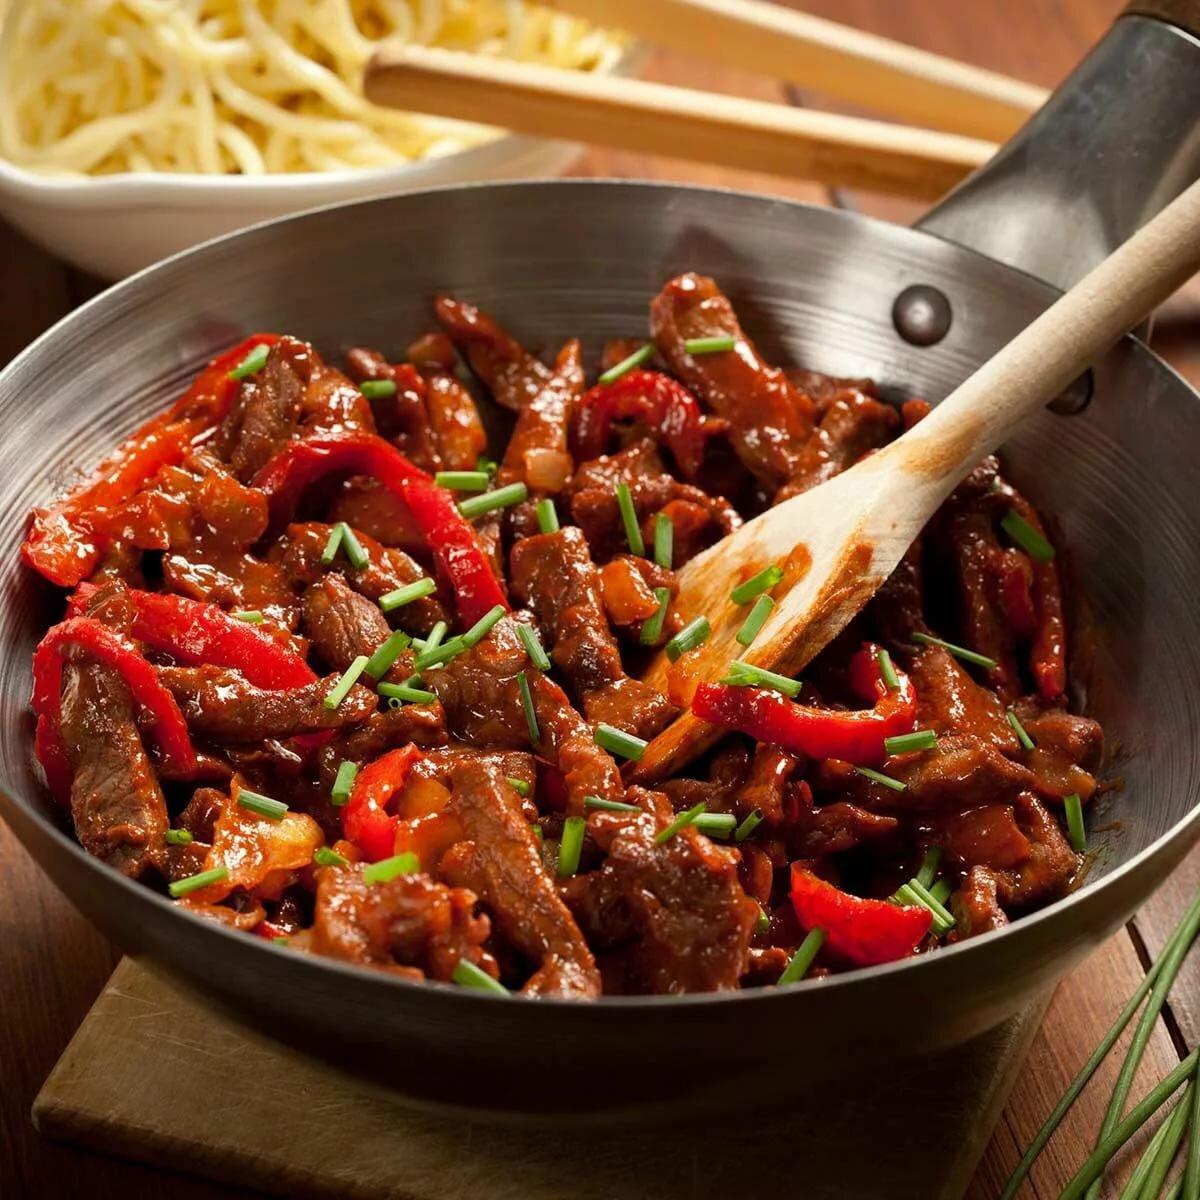 блюда из мяса говядины рецепты с фото сказать, что